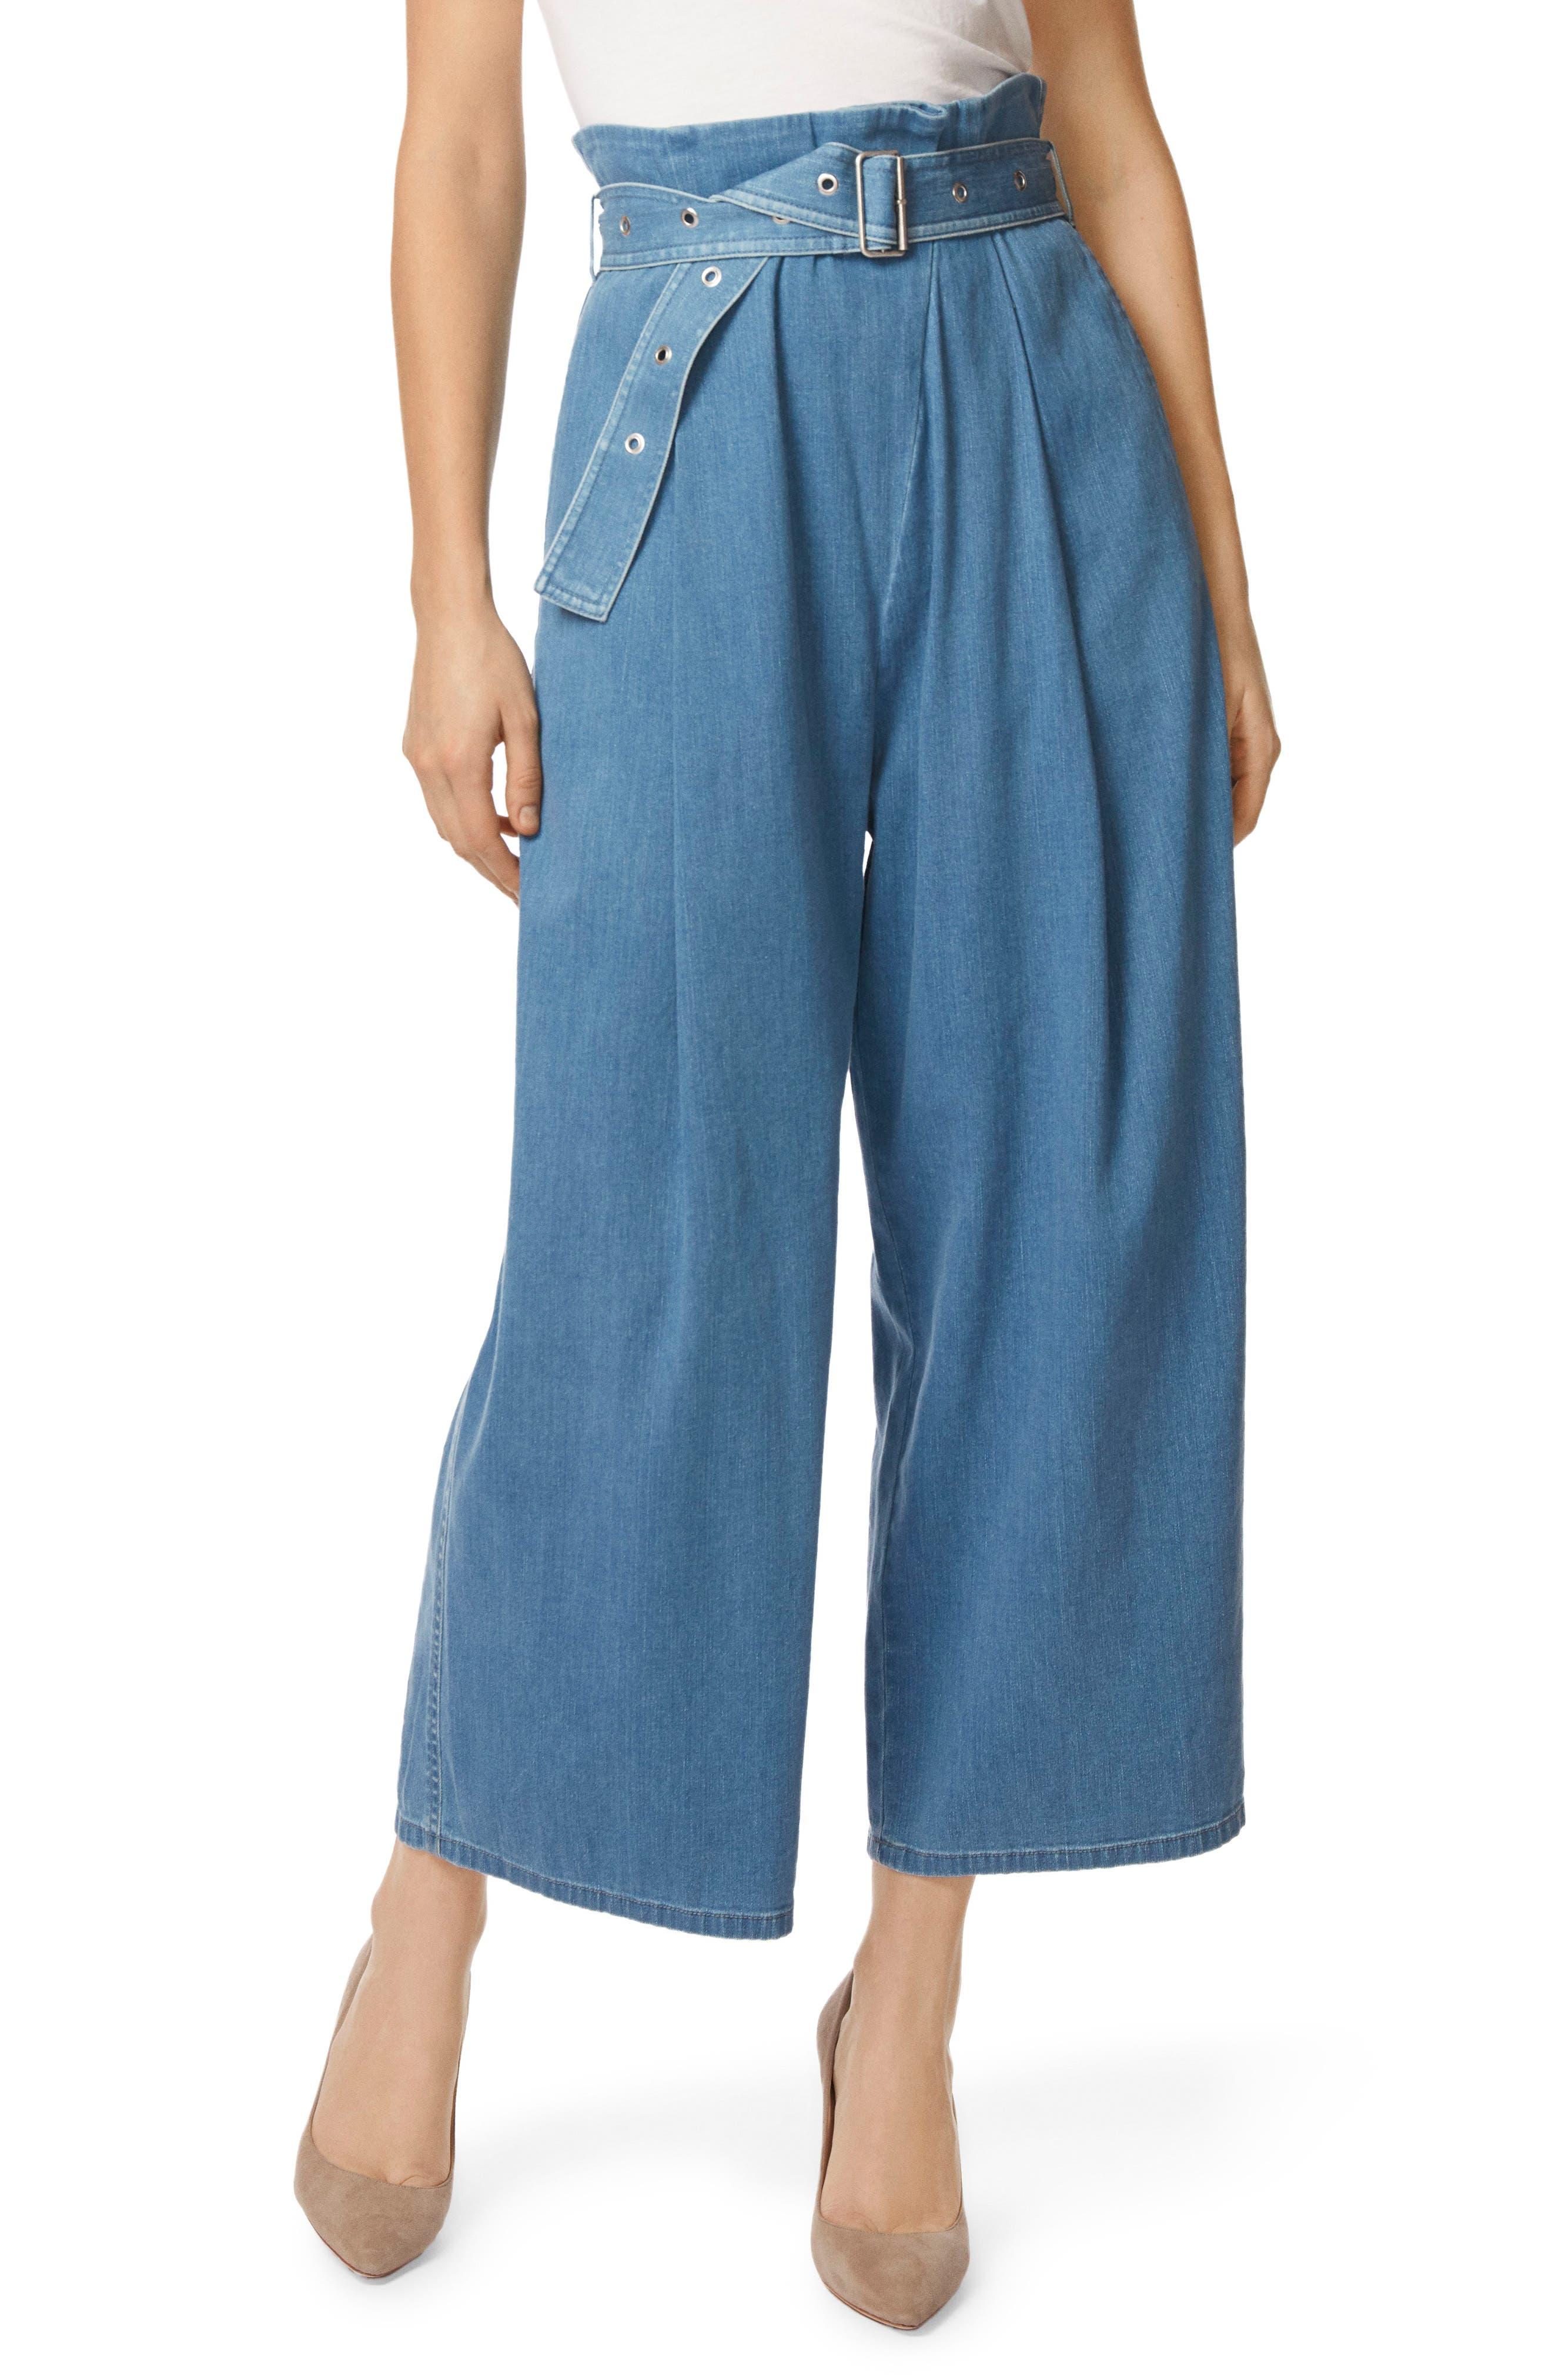 Via Pleat Front Wide Leg Pants,                         Main,                         color, Heavenly